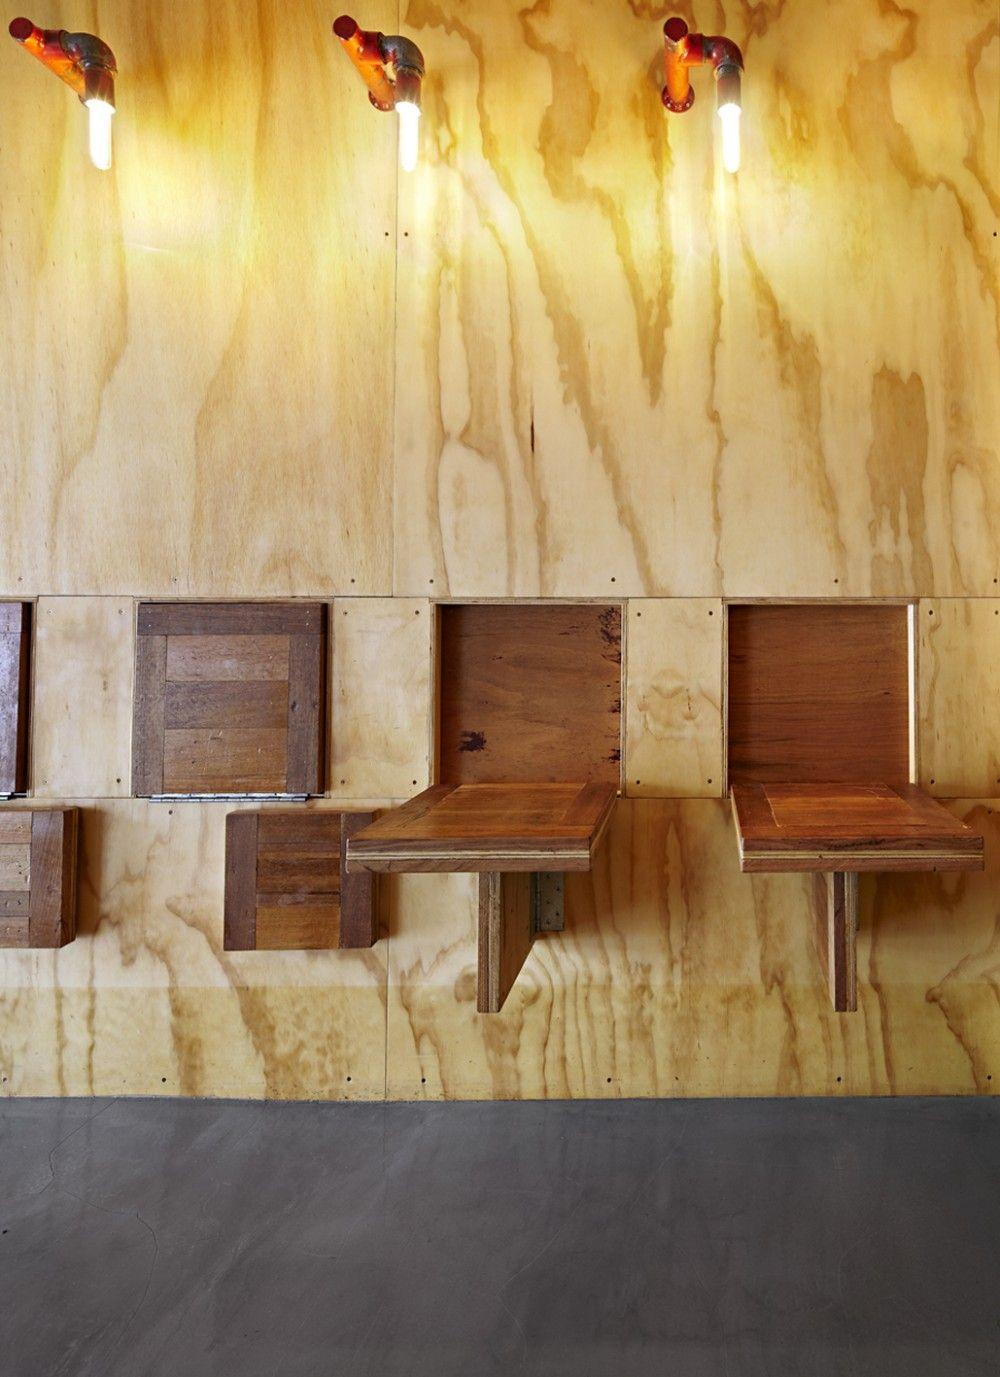 Mesas Peque As Cafeterias Buscar Con Google Modelos De  # Muebles Lula Medellin